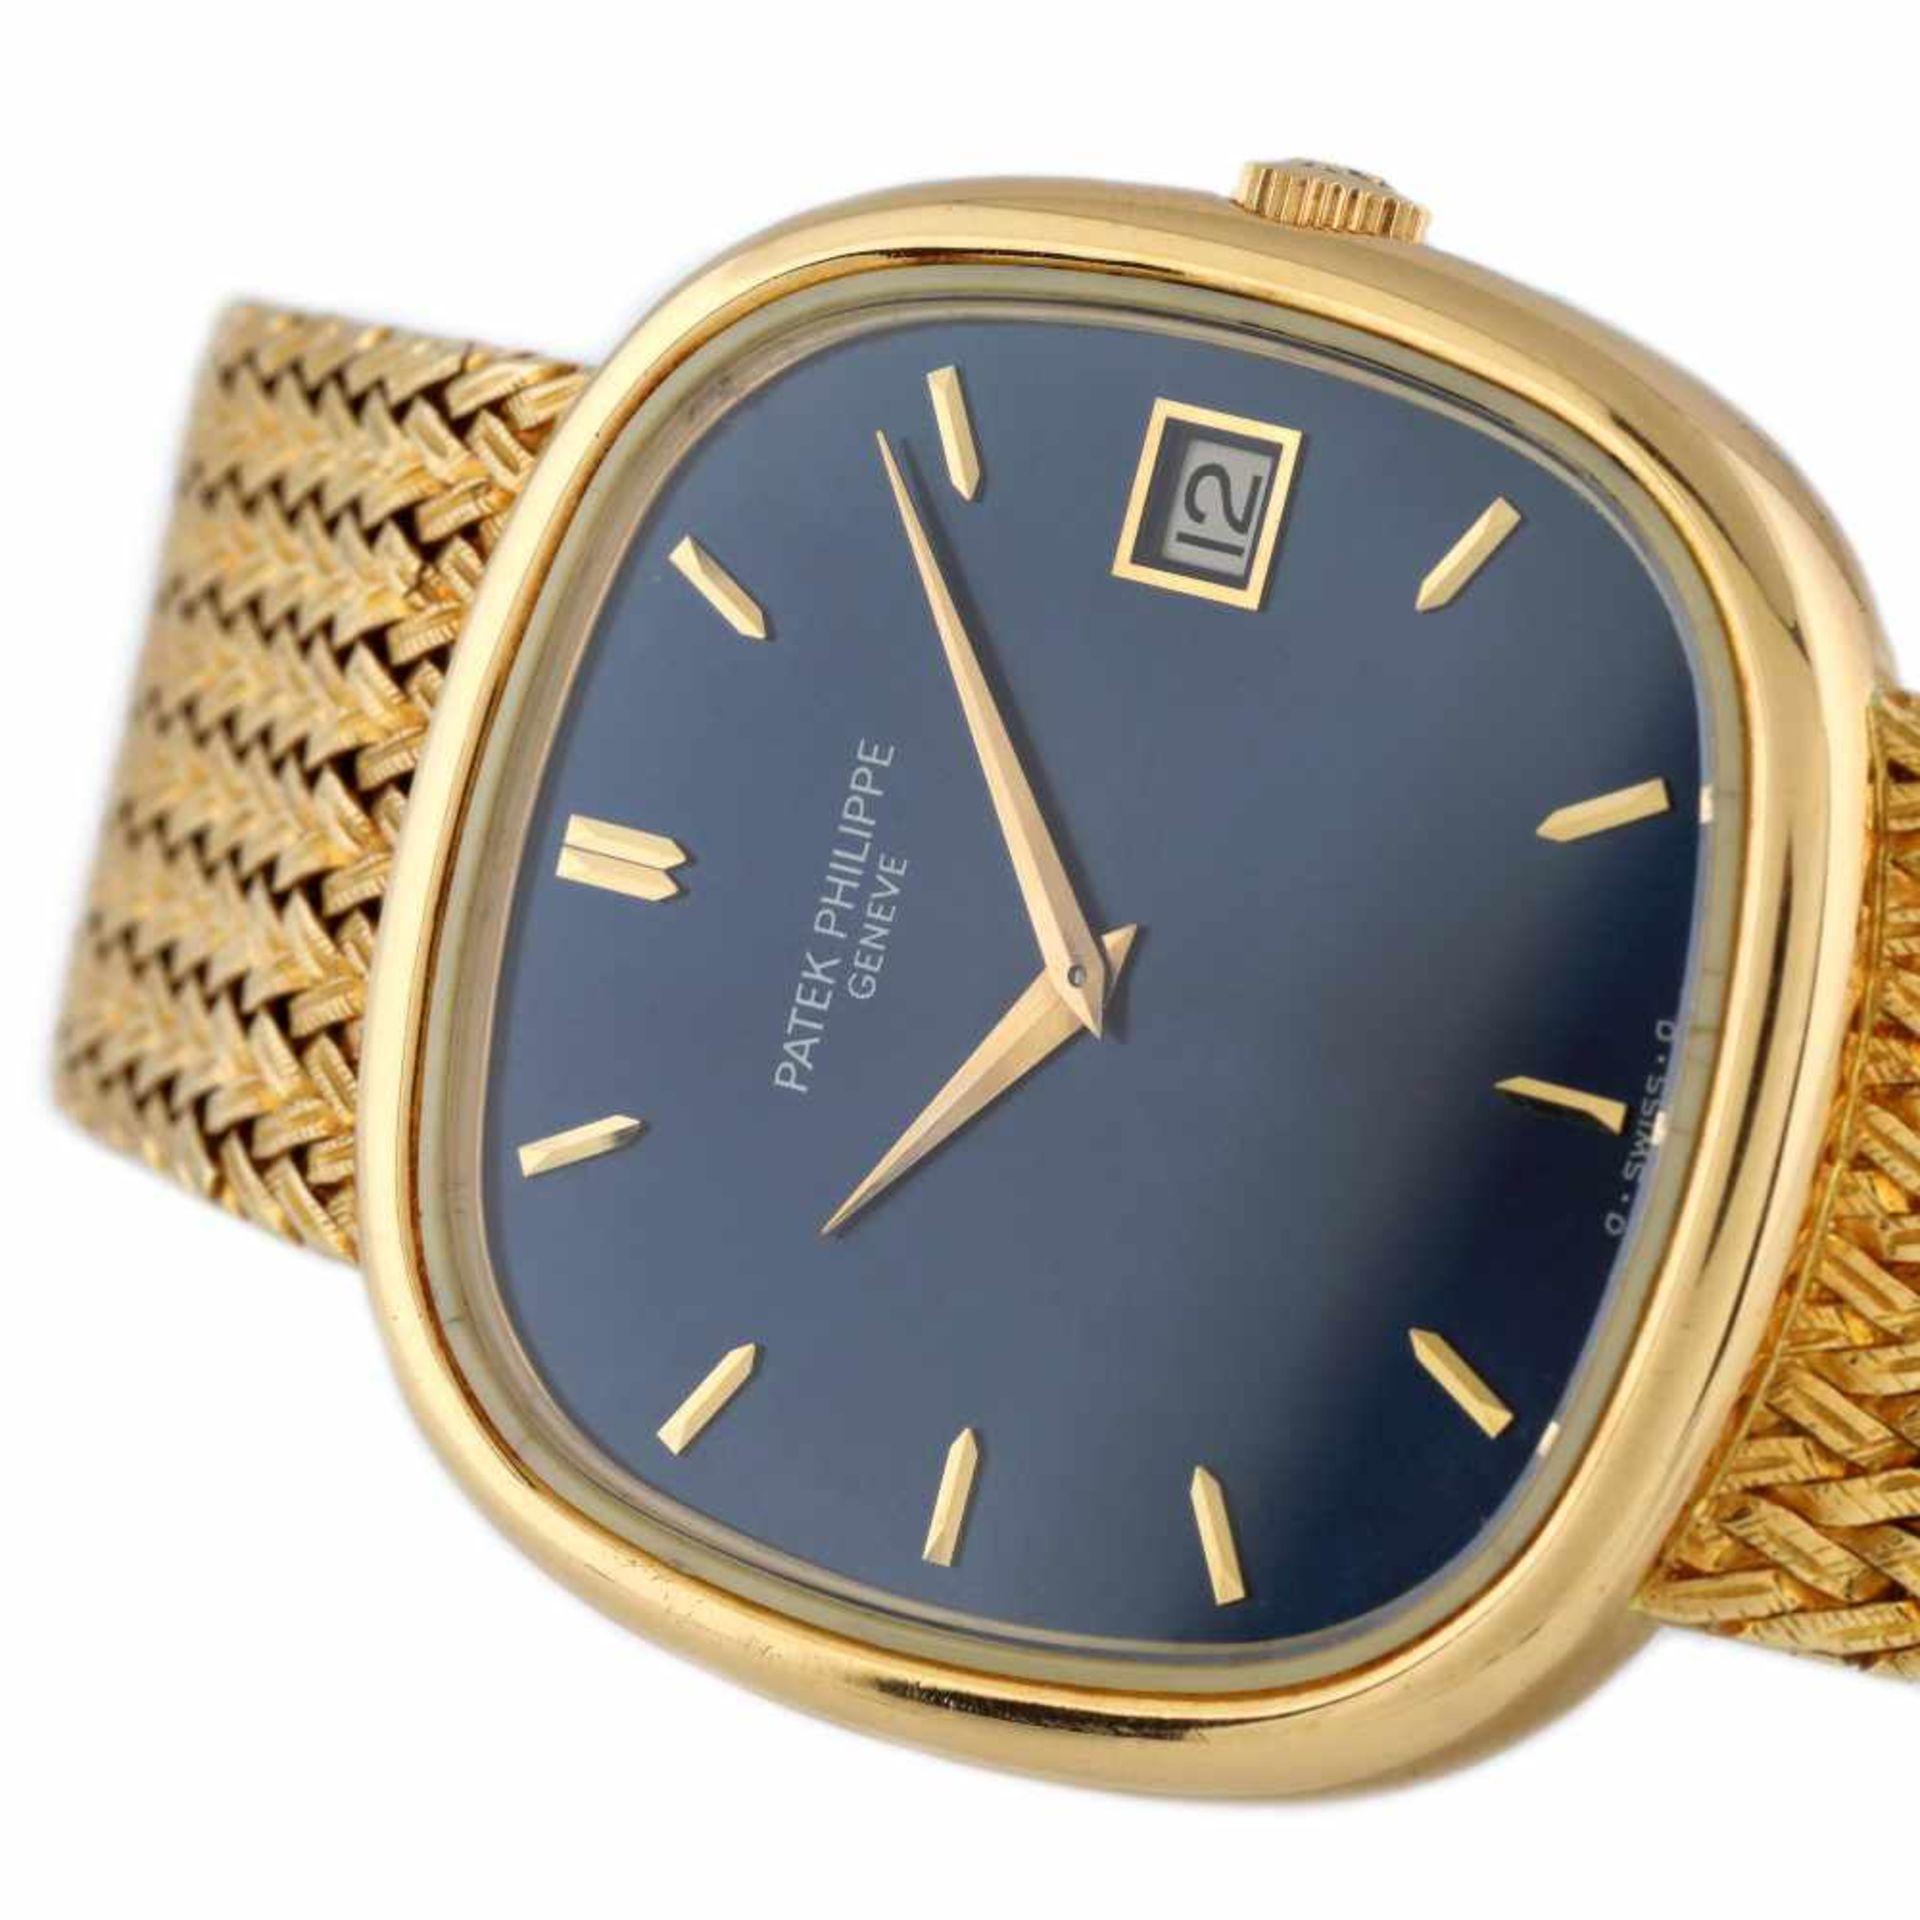 Patek Philippe Ellipse wristwatch, gold - Bild 2 aus 4